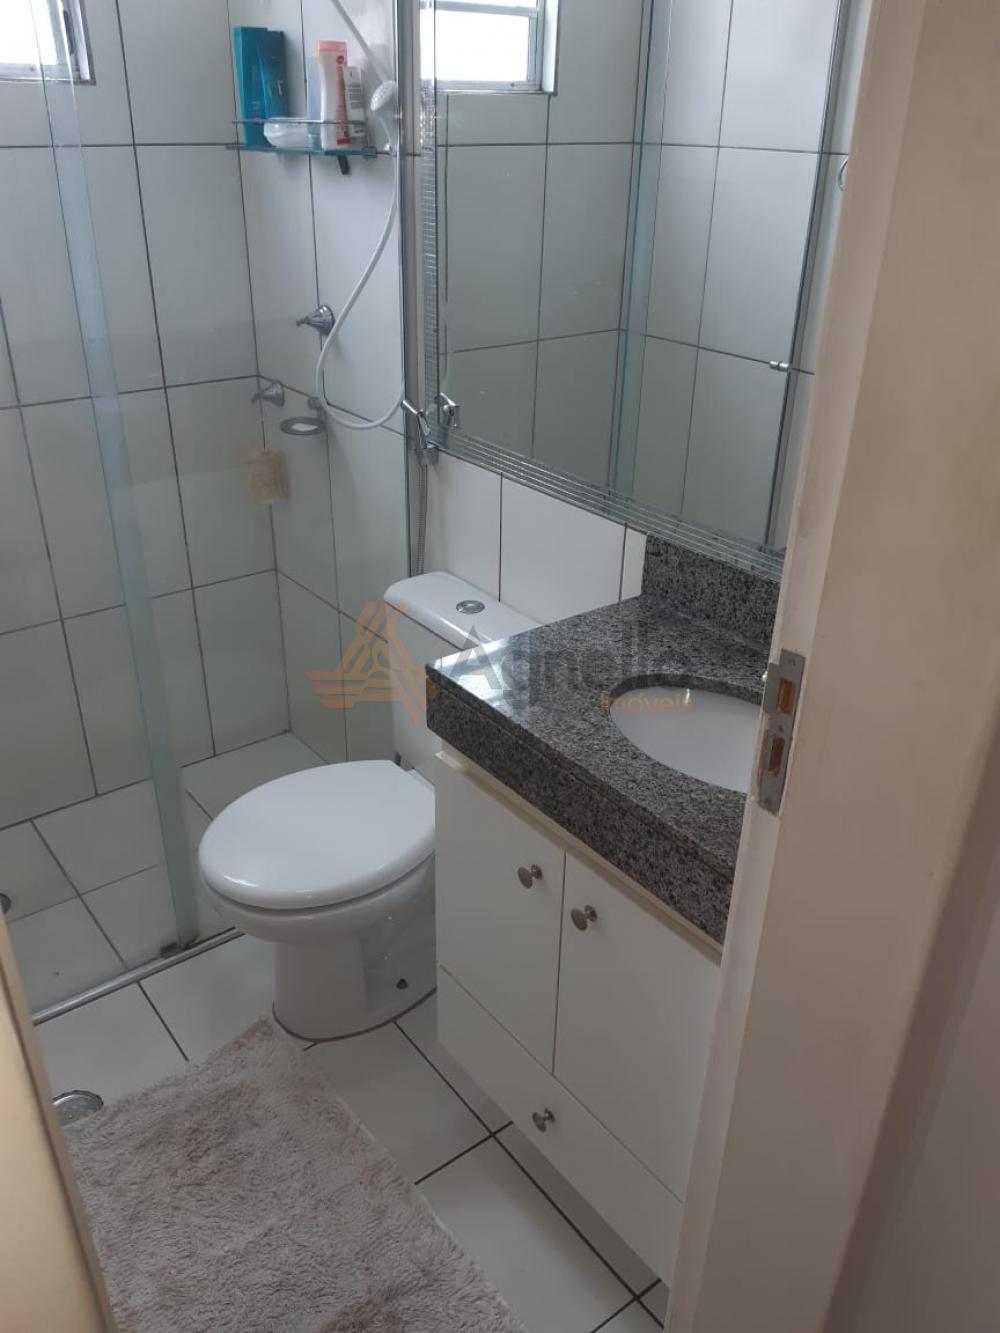 Comprar Apartamento / Padrão em Franca R$ 145.000,00 - Foto 9